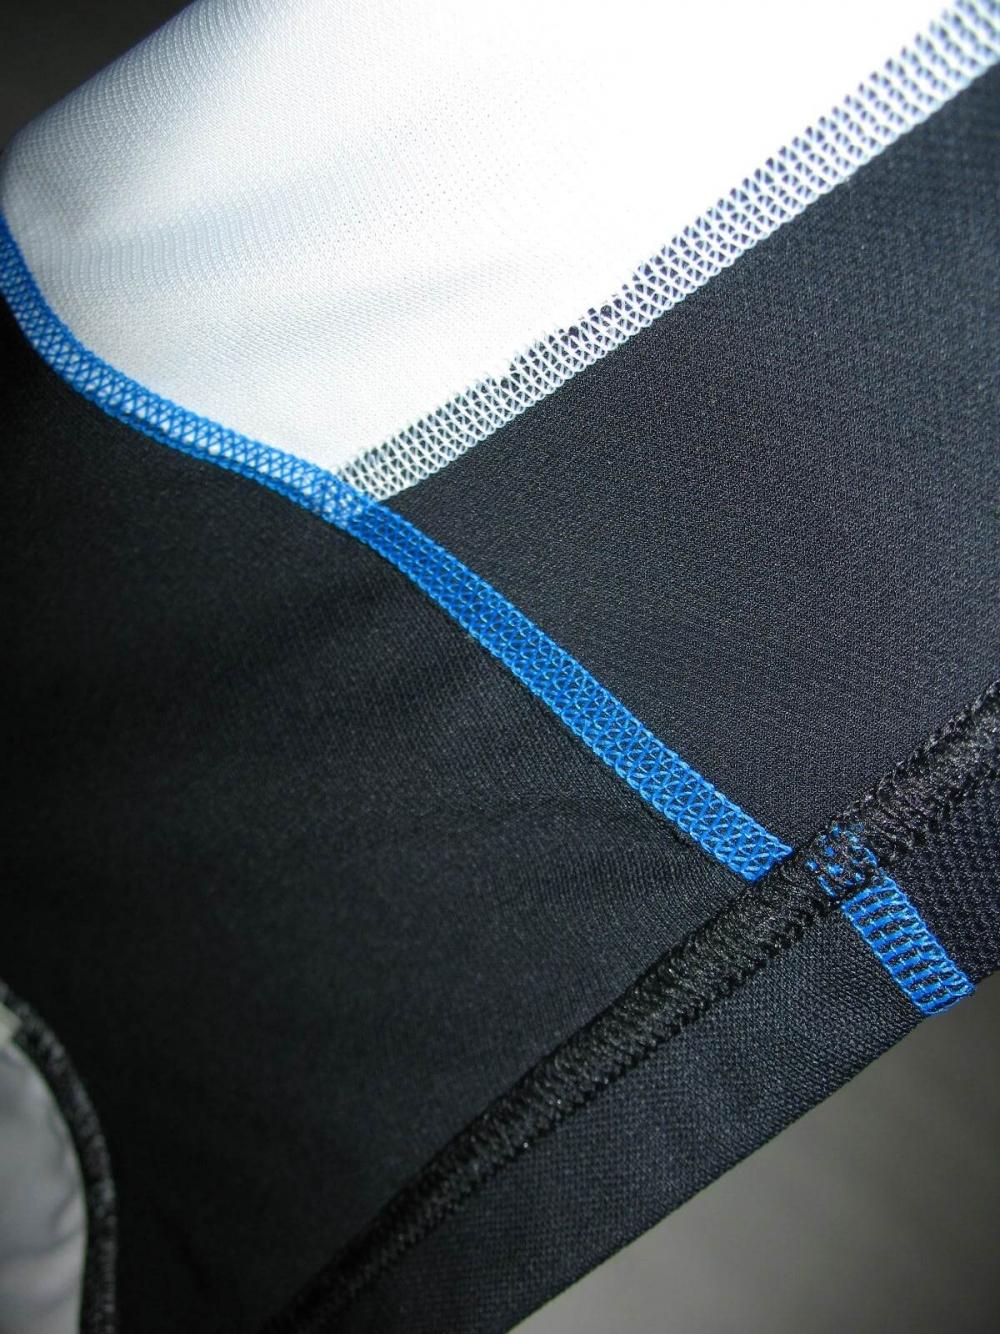 Веломайка GORE bike jersey (размер S) - 7